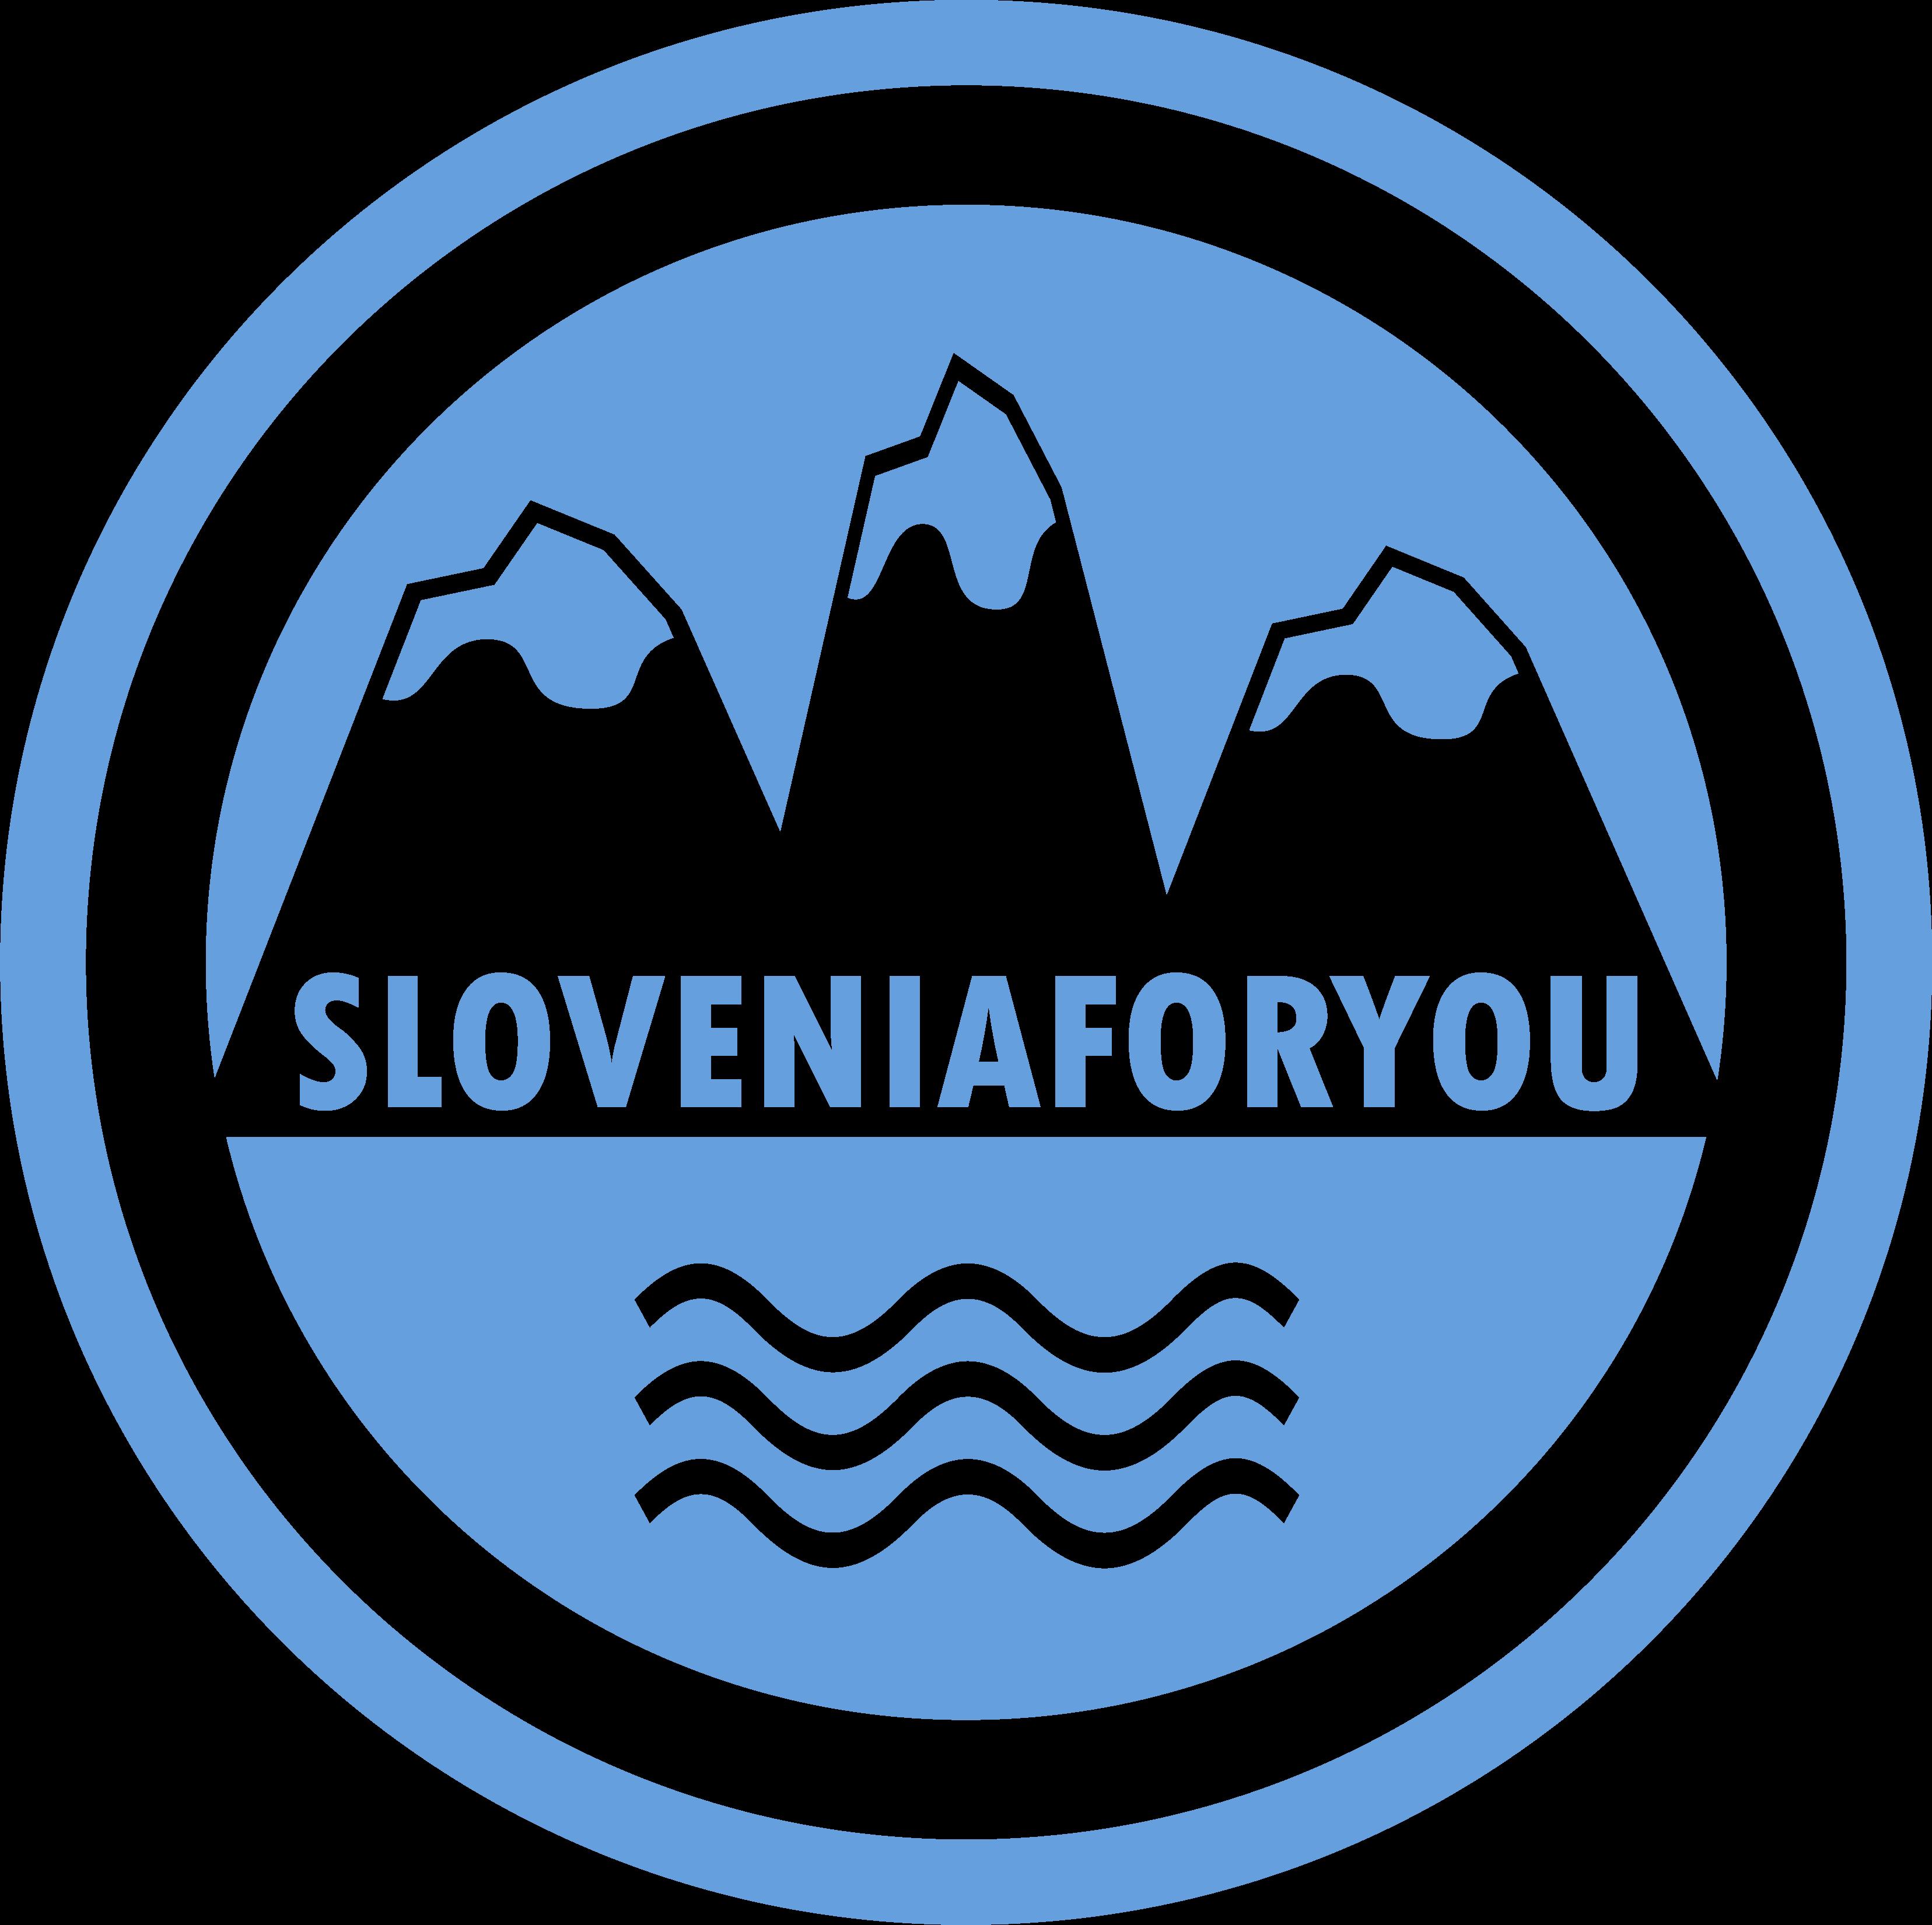 sloveniaforyou.com